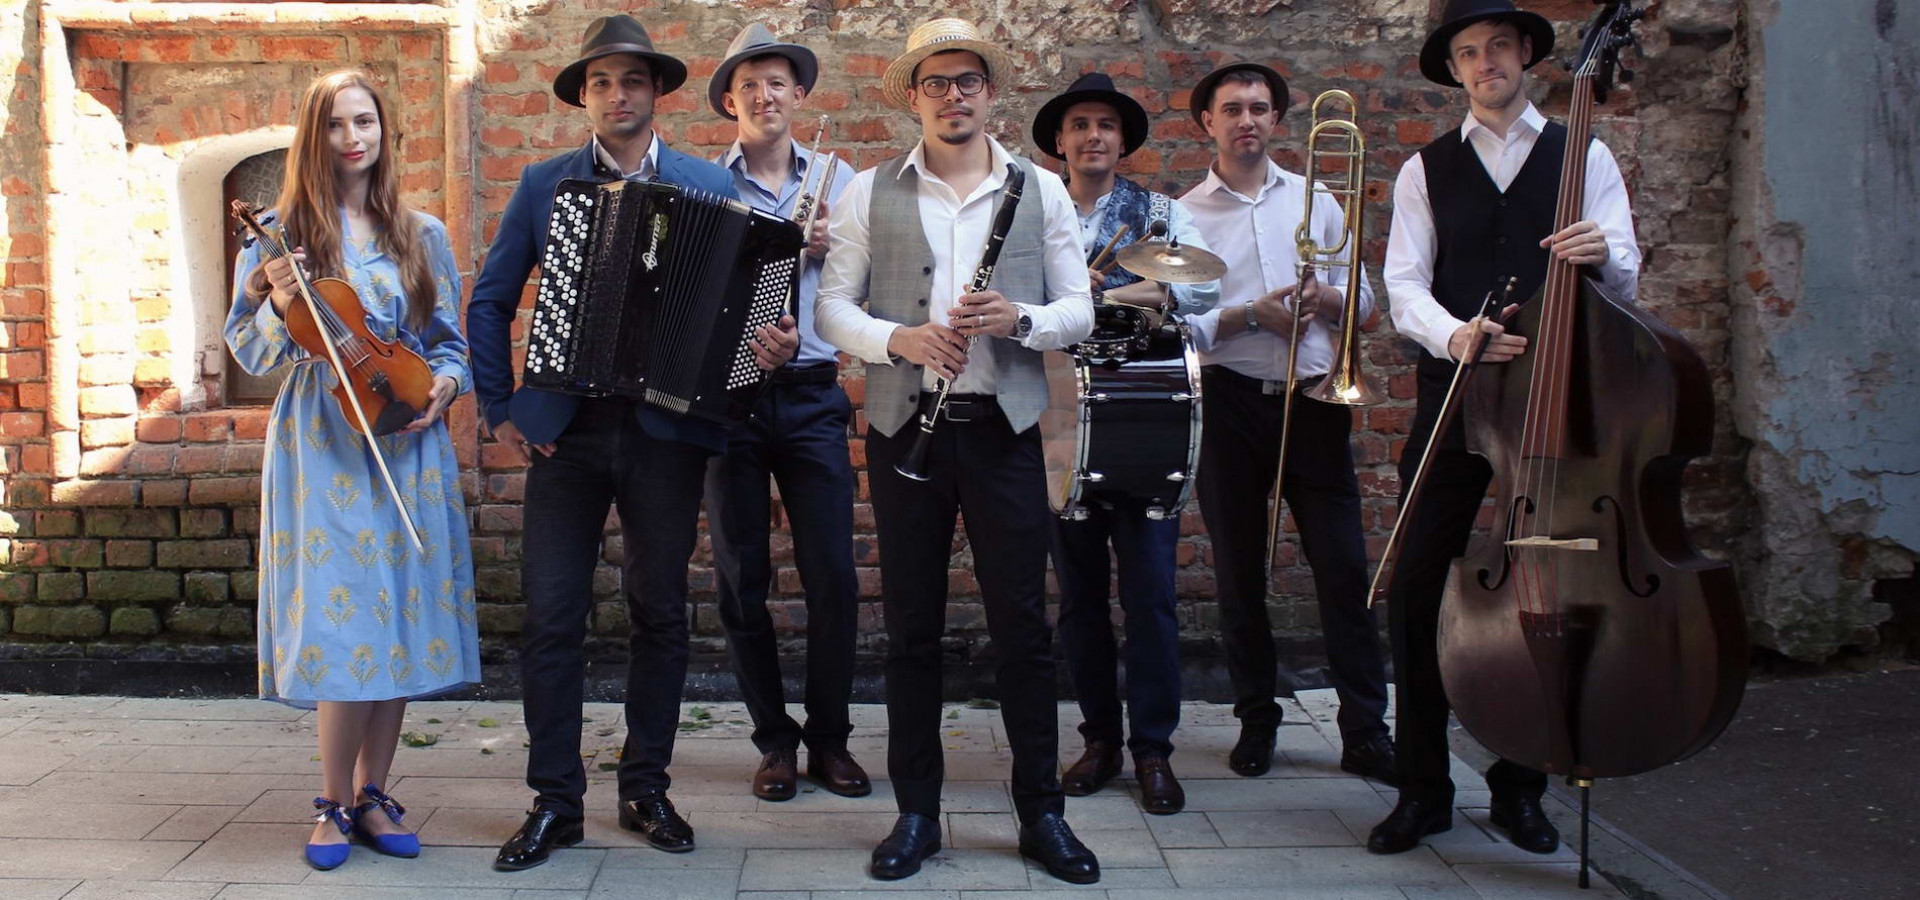 Еврейская фольклорная музыка. Moscow Klezmer Band. Концерт в оранжерее фото